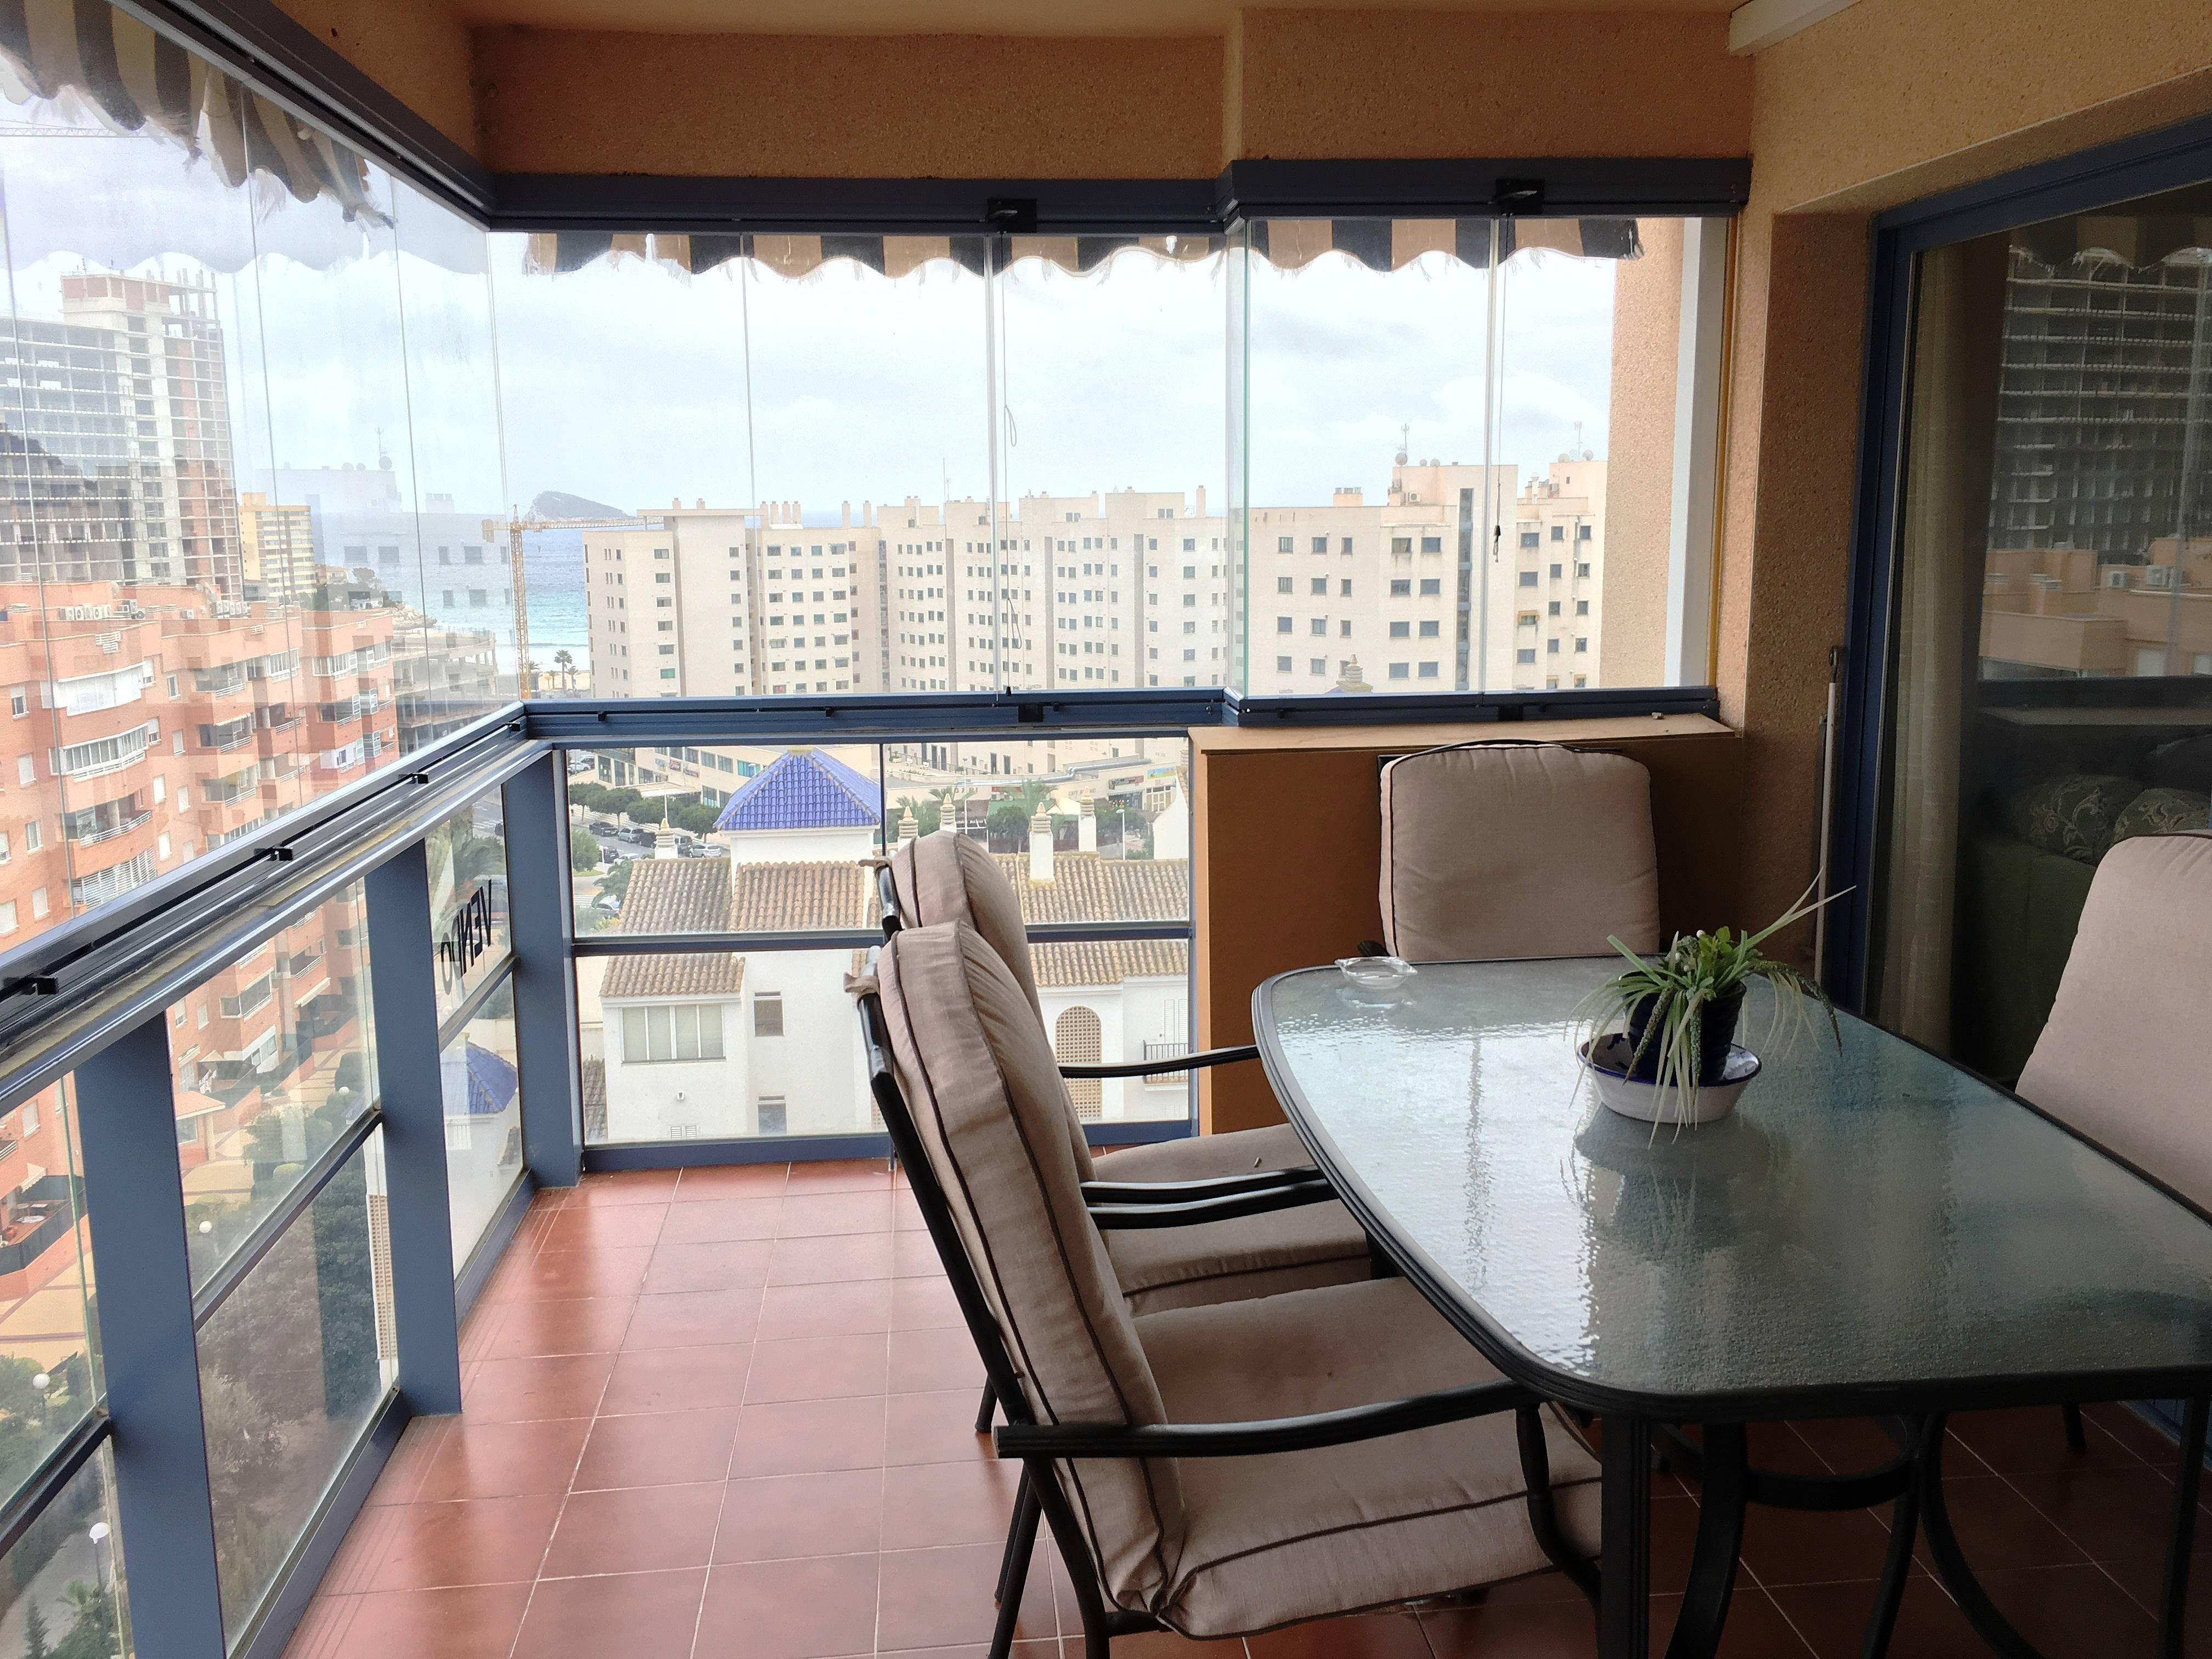 Apartamento en alquiler a 250 m de la playa benidorm alicante costa blanca - Apartamentos de alquiler en benidorm baratos ...